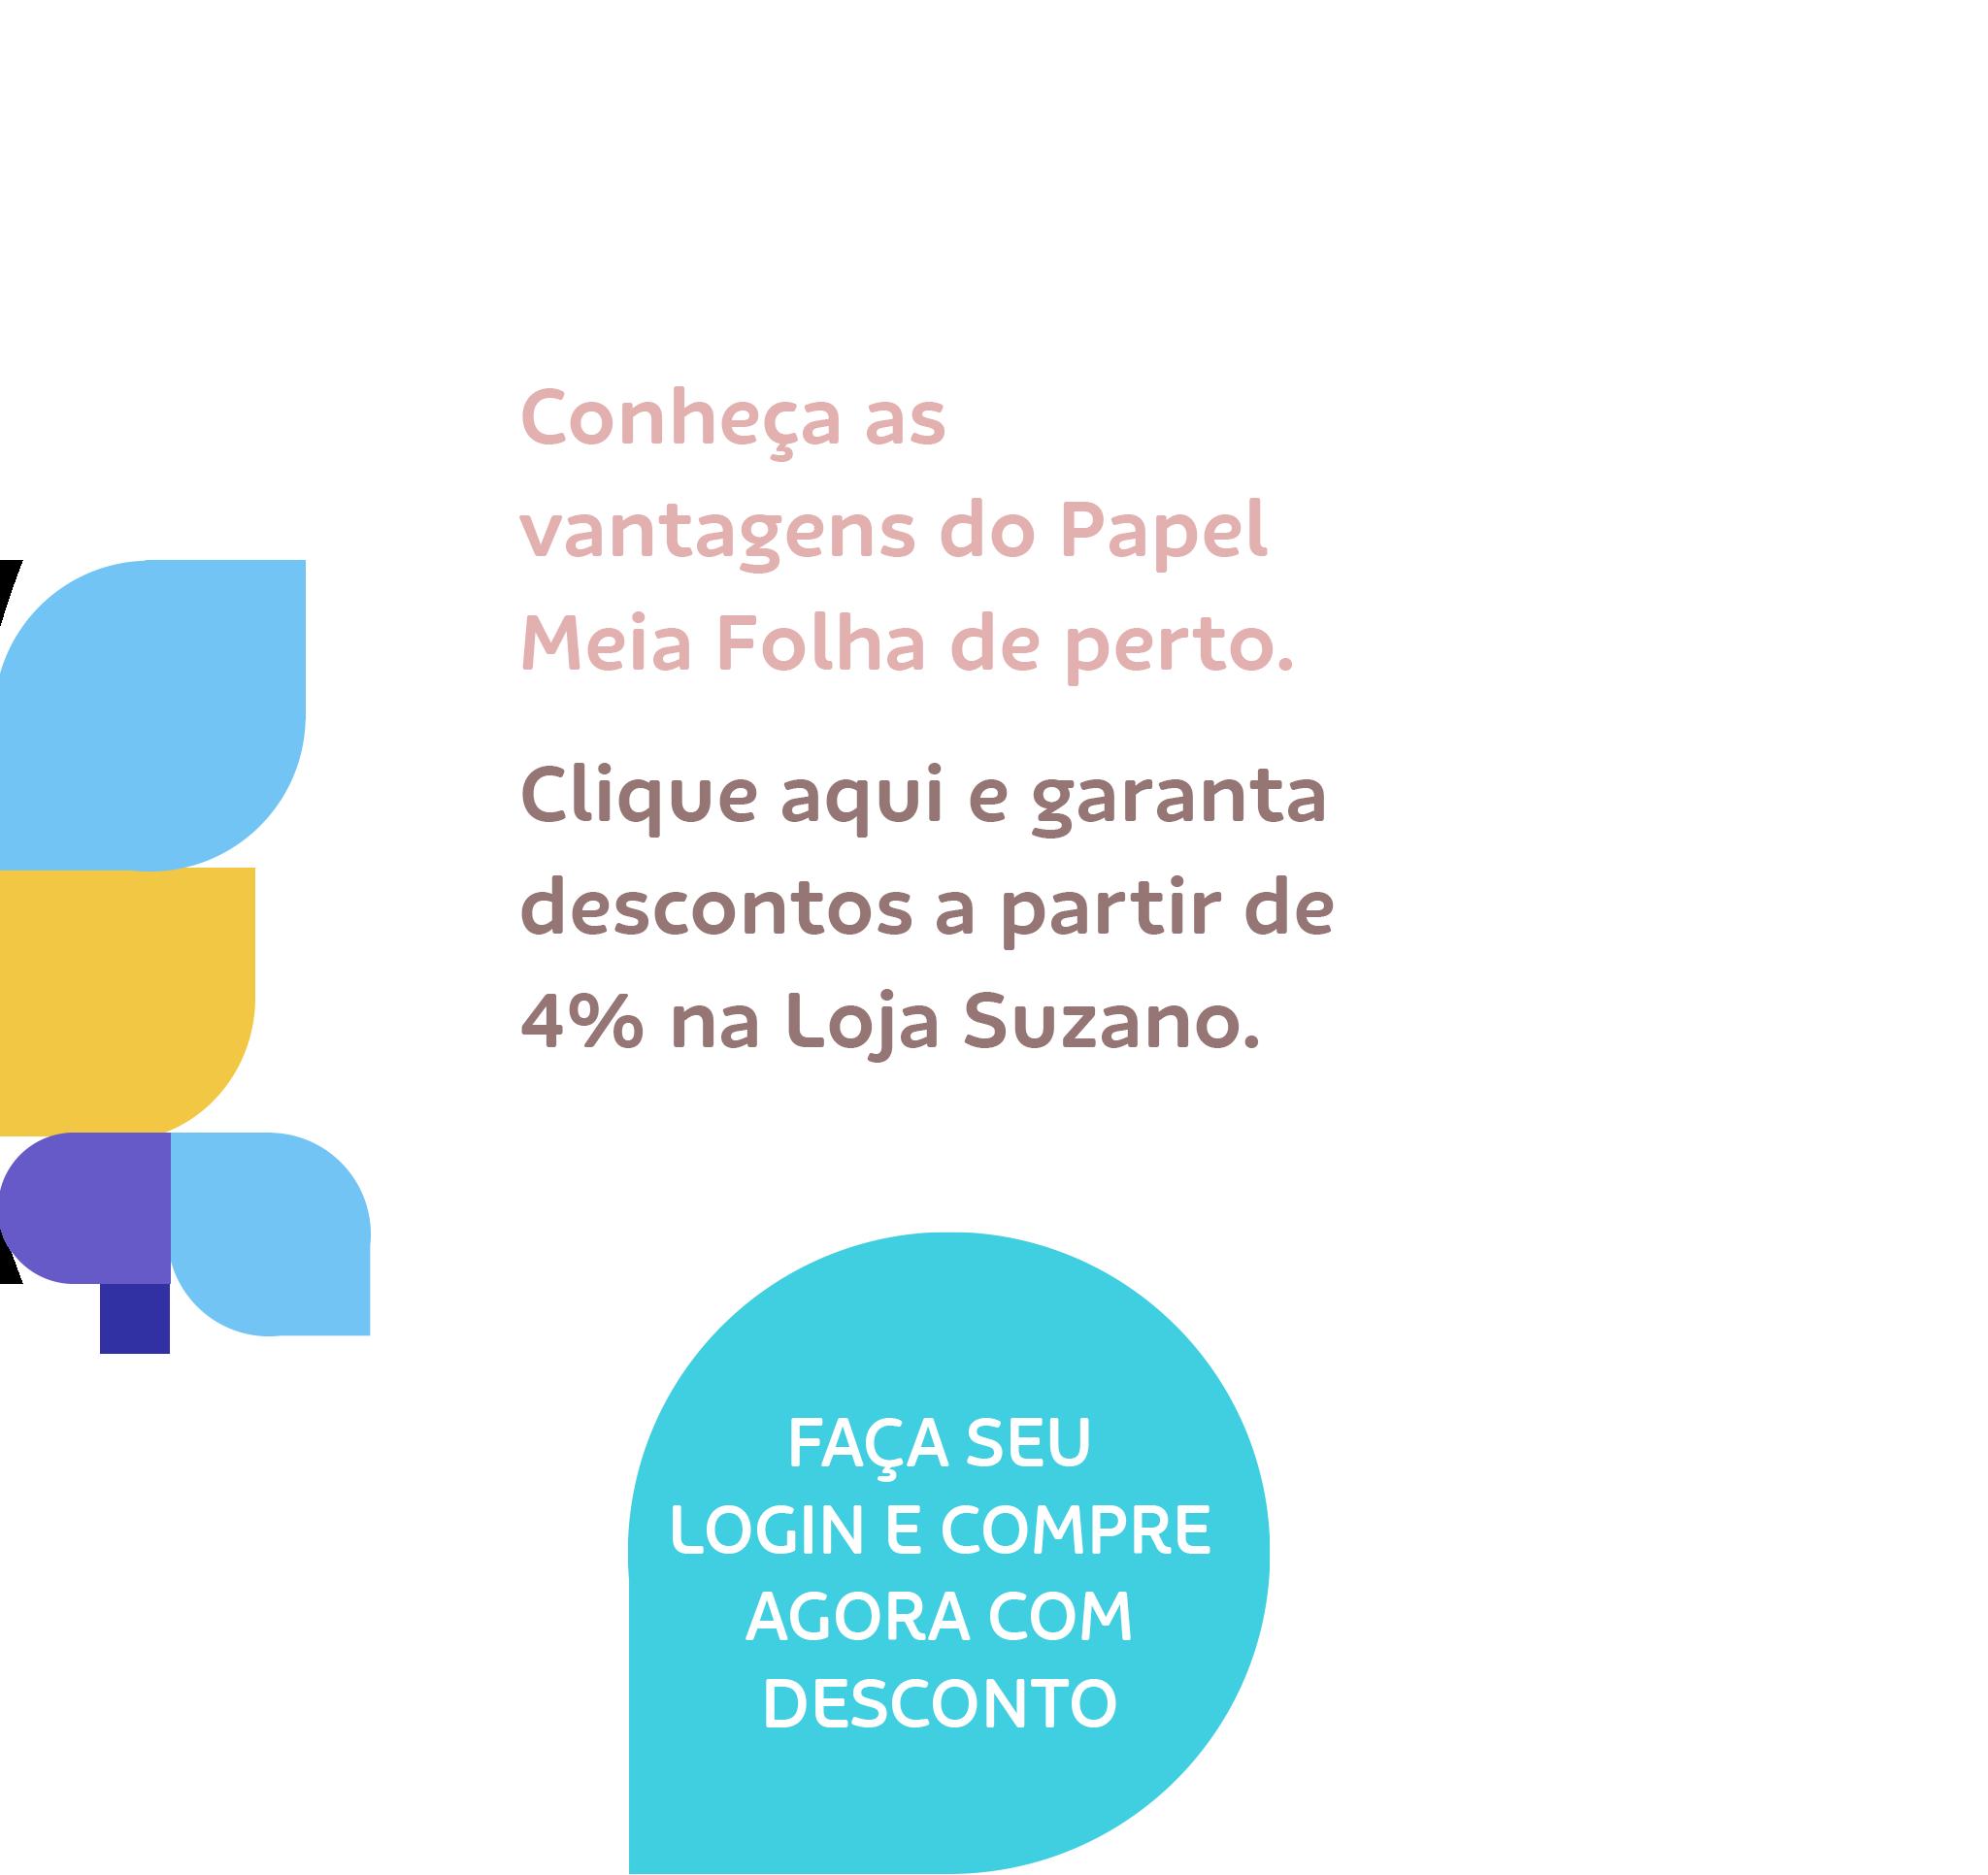 Conheça as vantagens do Papel Meia Folha de perto. Clique aqui e garanta descontos a partir de 4% na Loja Suzano. Compre agora com desconto.